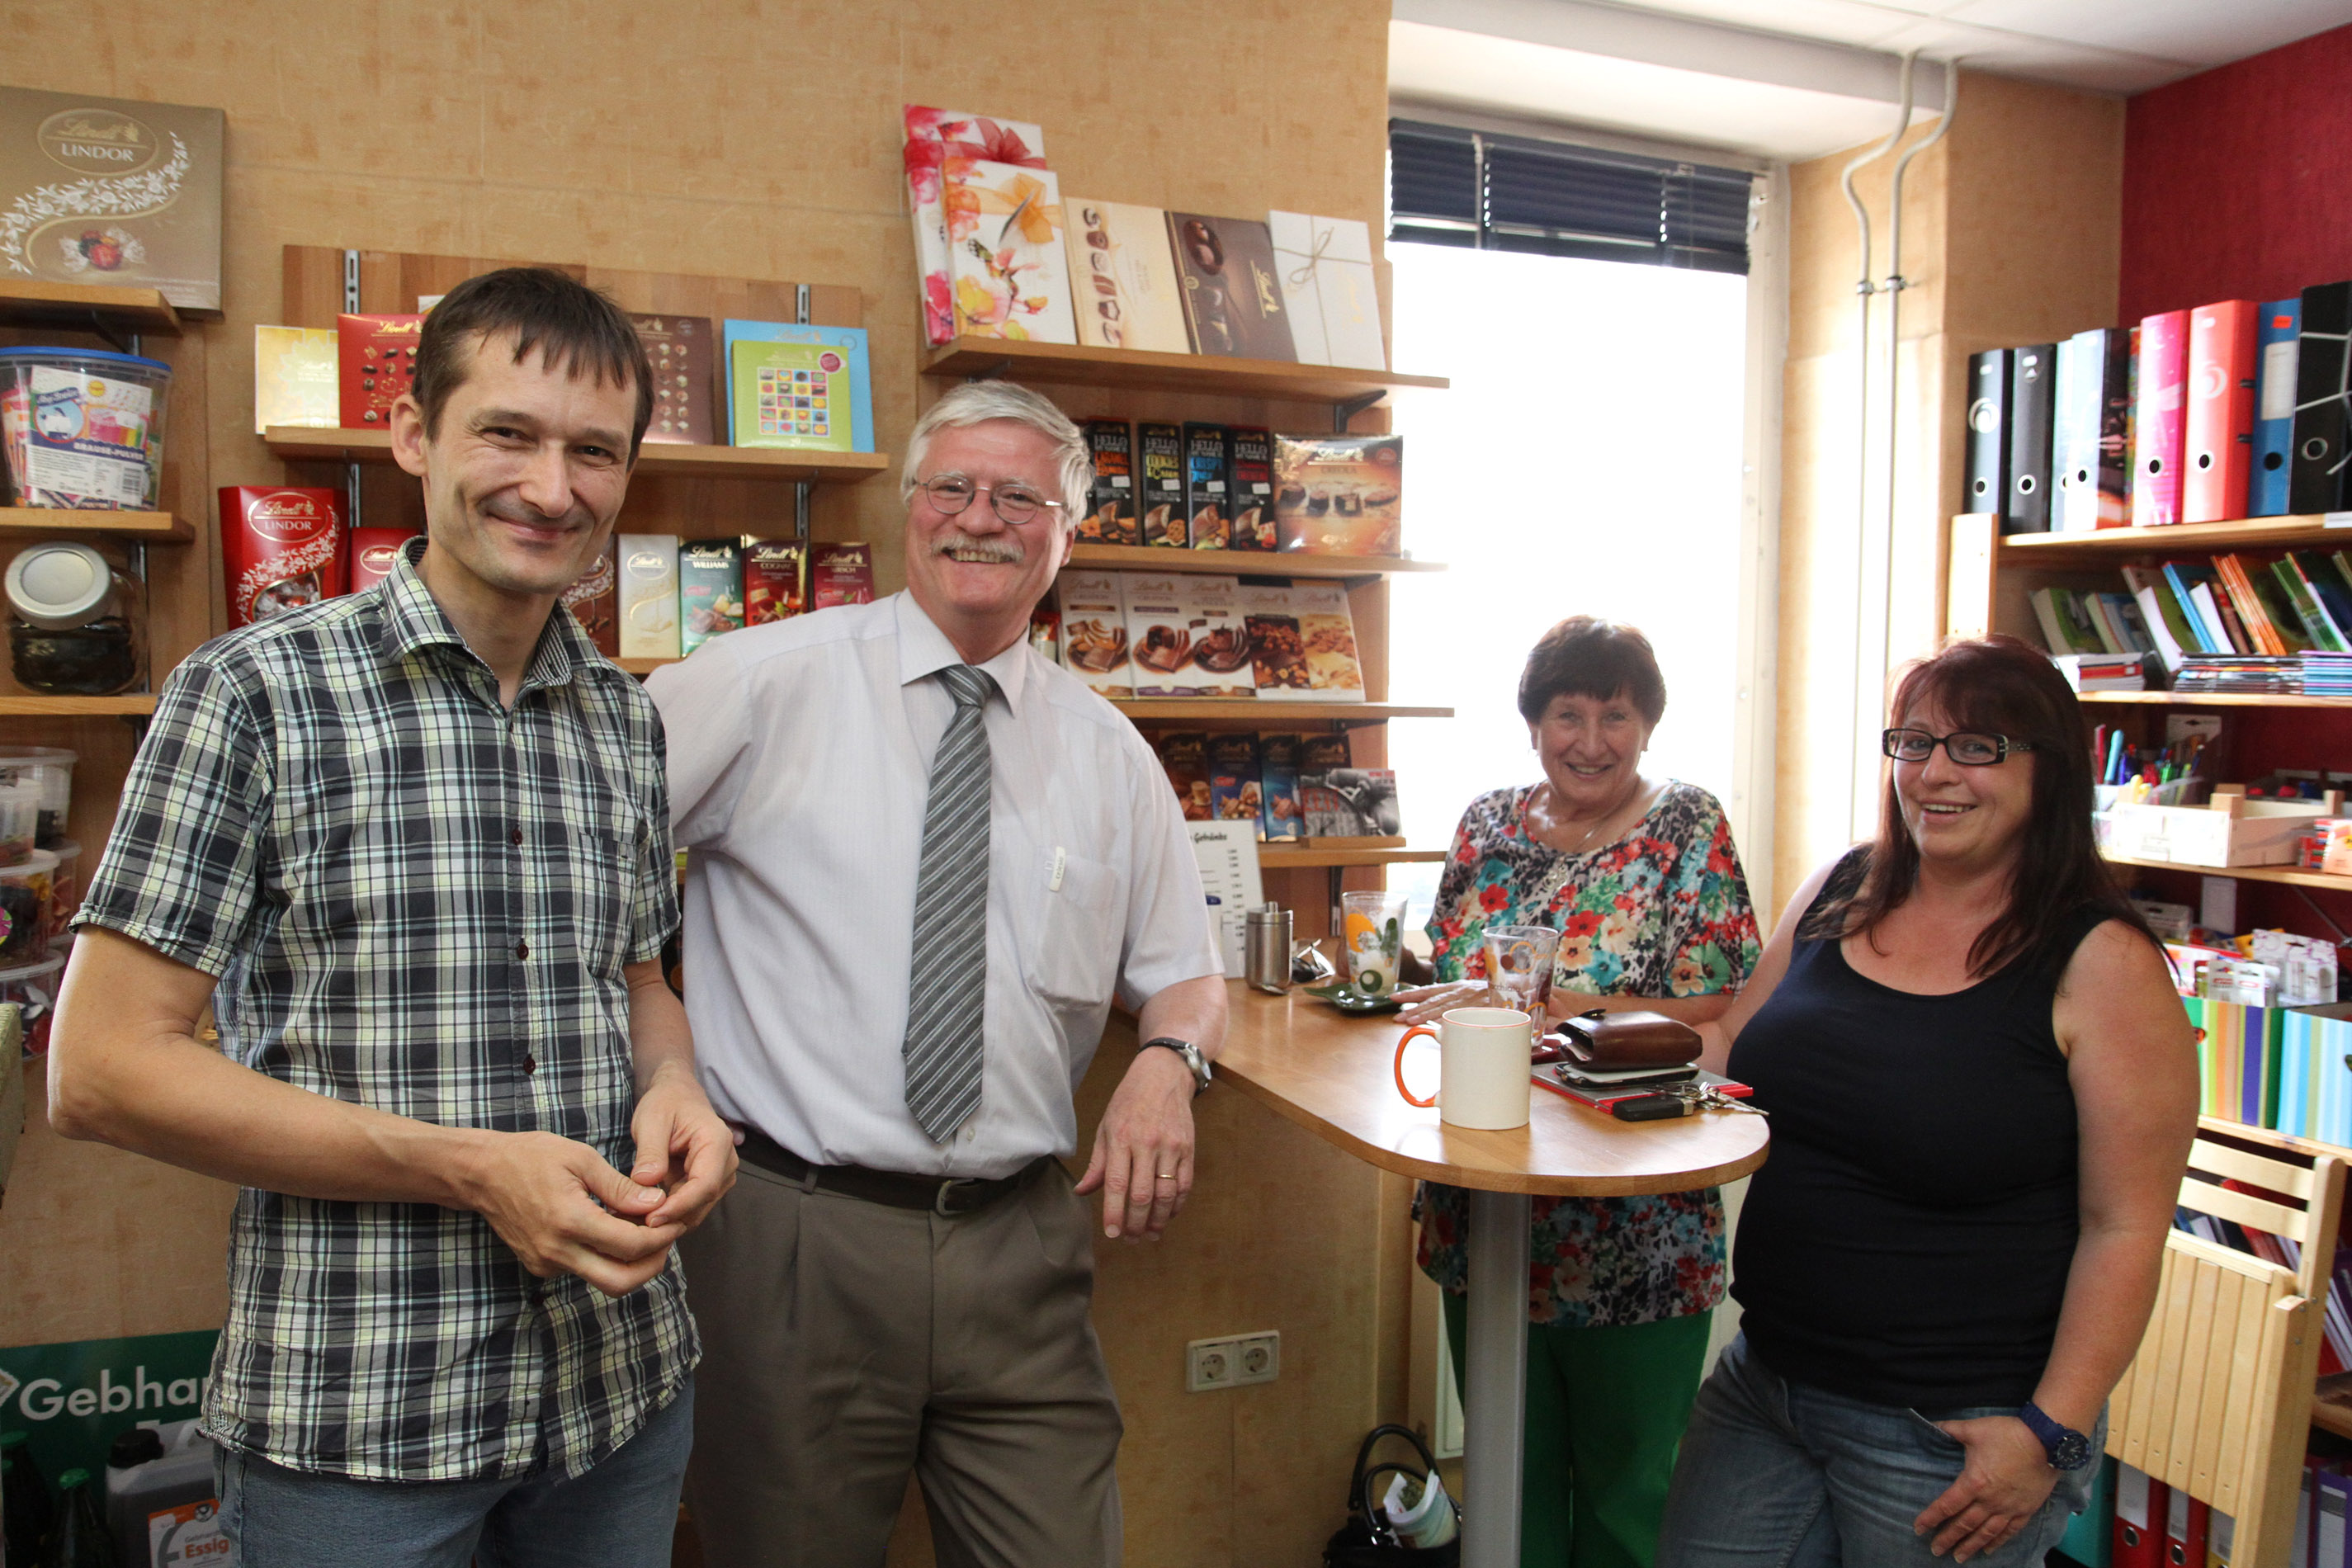 Besuch im Dorfladen Pluspunkt in Epfenbach